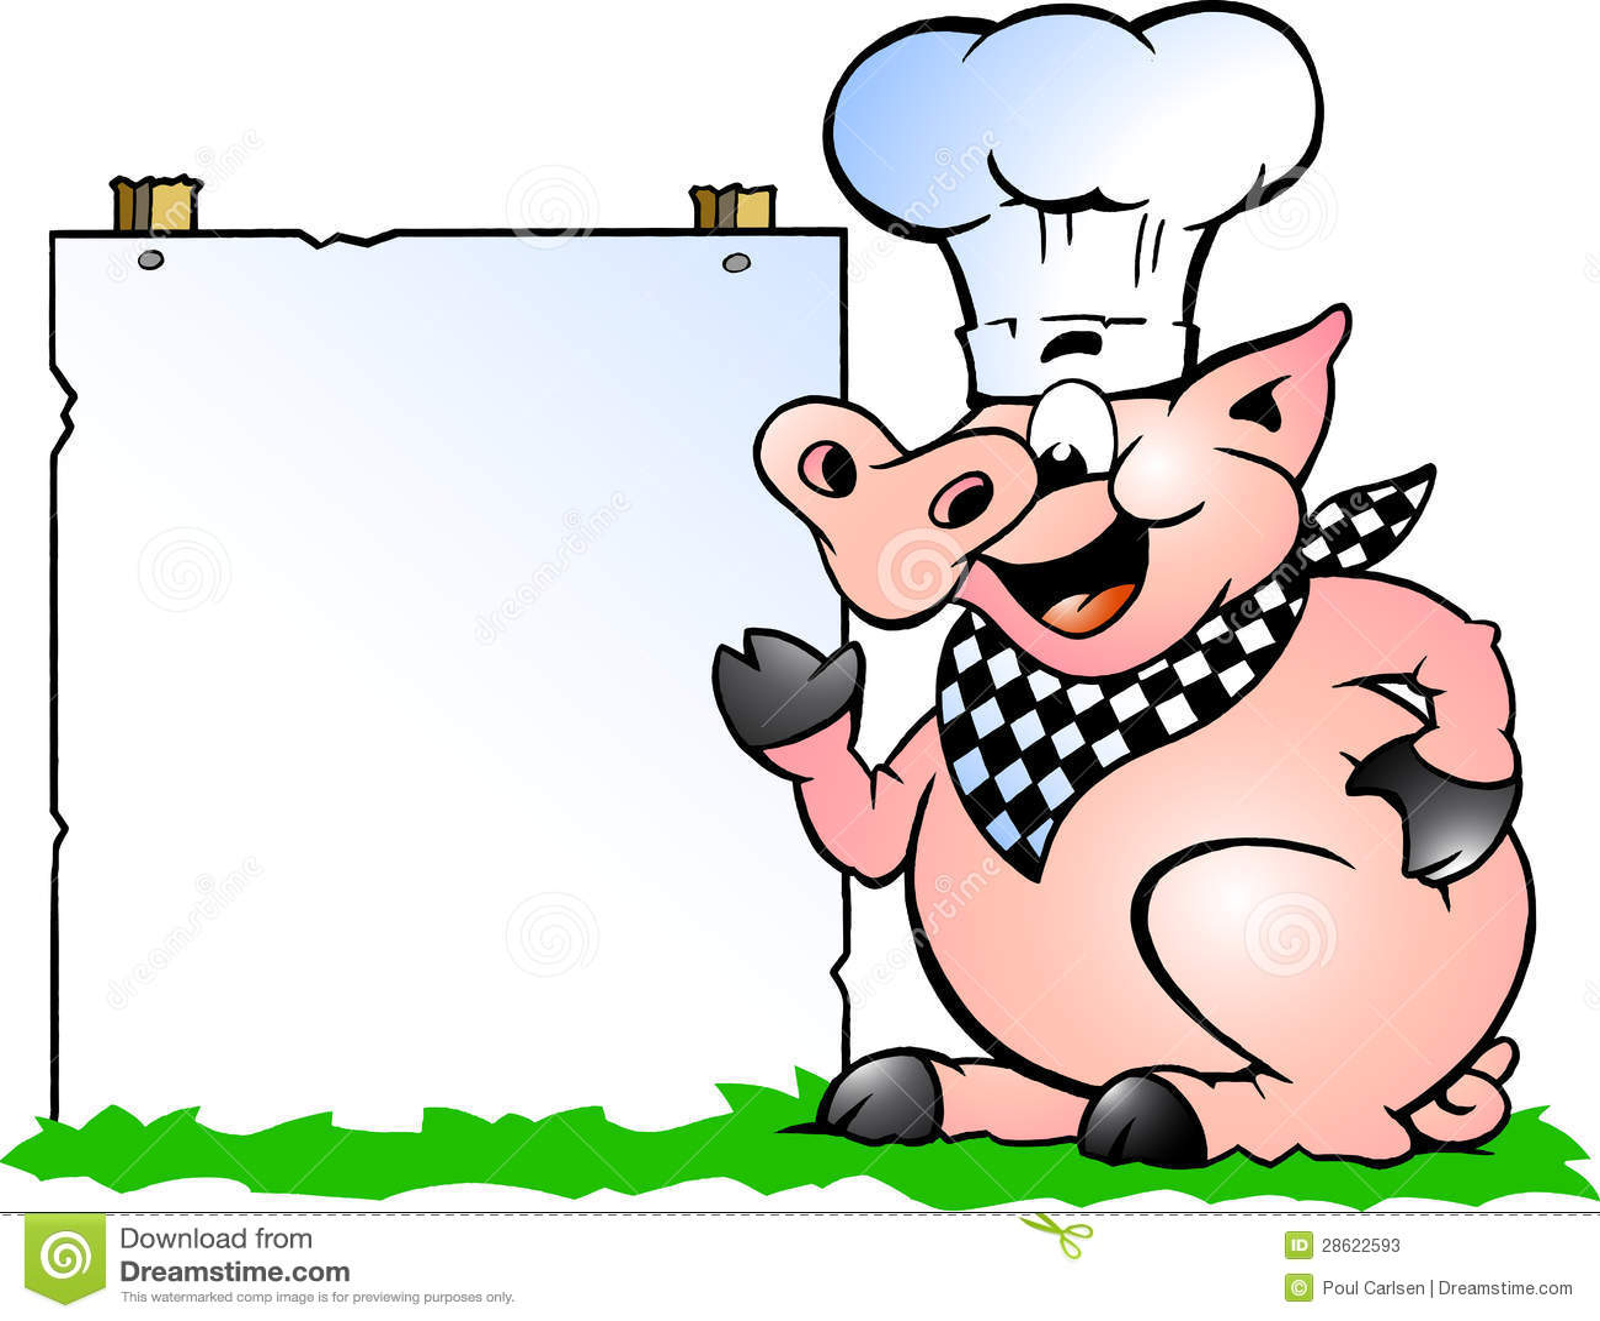 vector illustratie van een varken die van de chef kok en Pig Roast Invitations Pig Cooking Clip Art